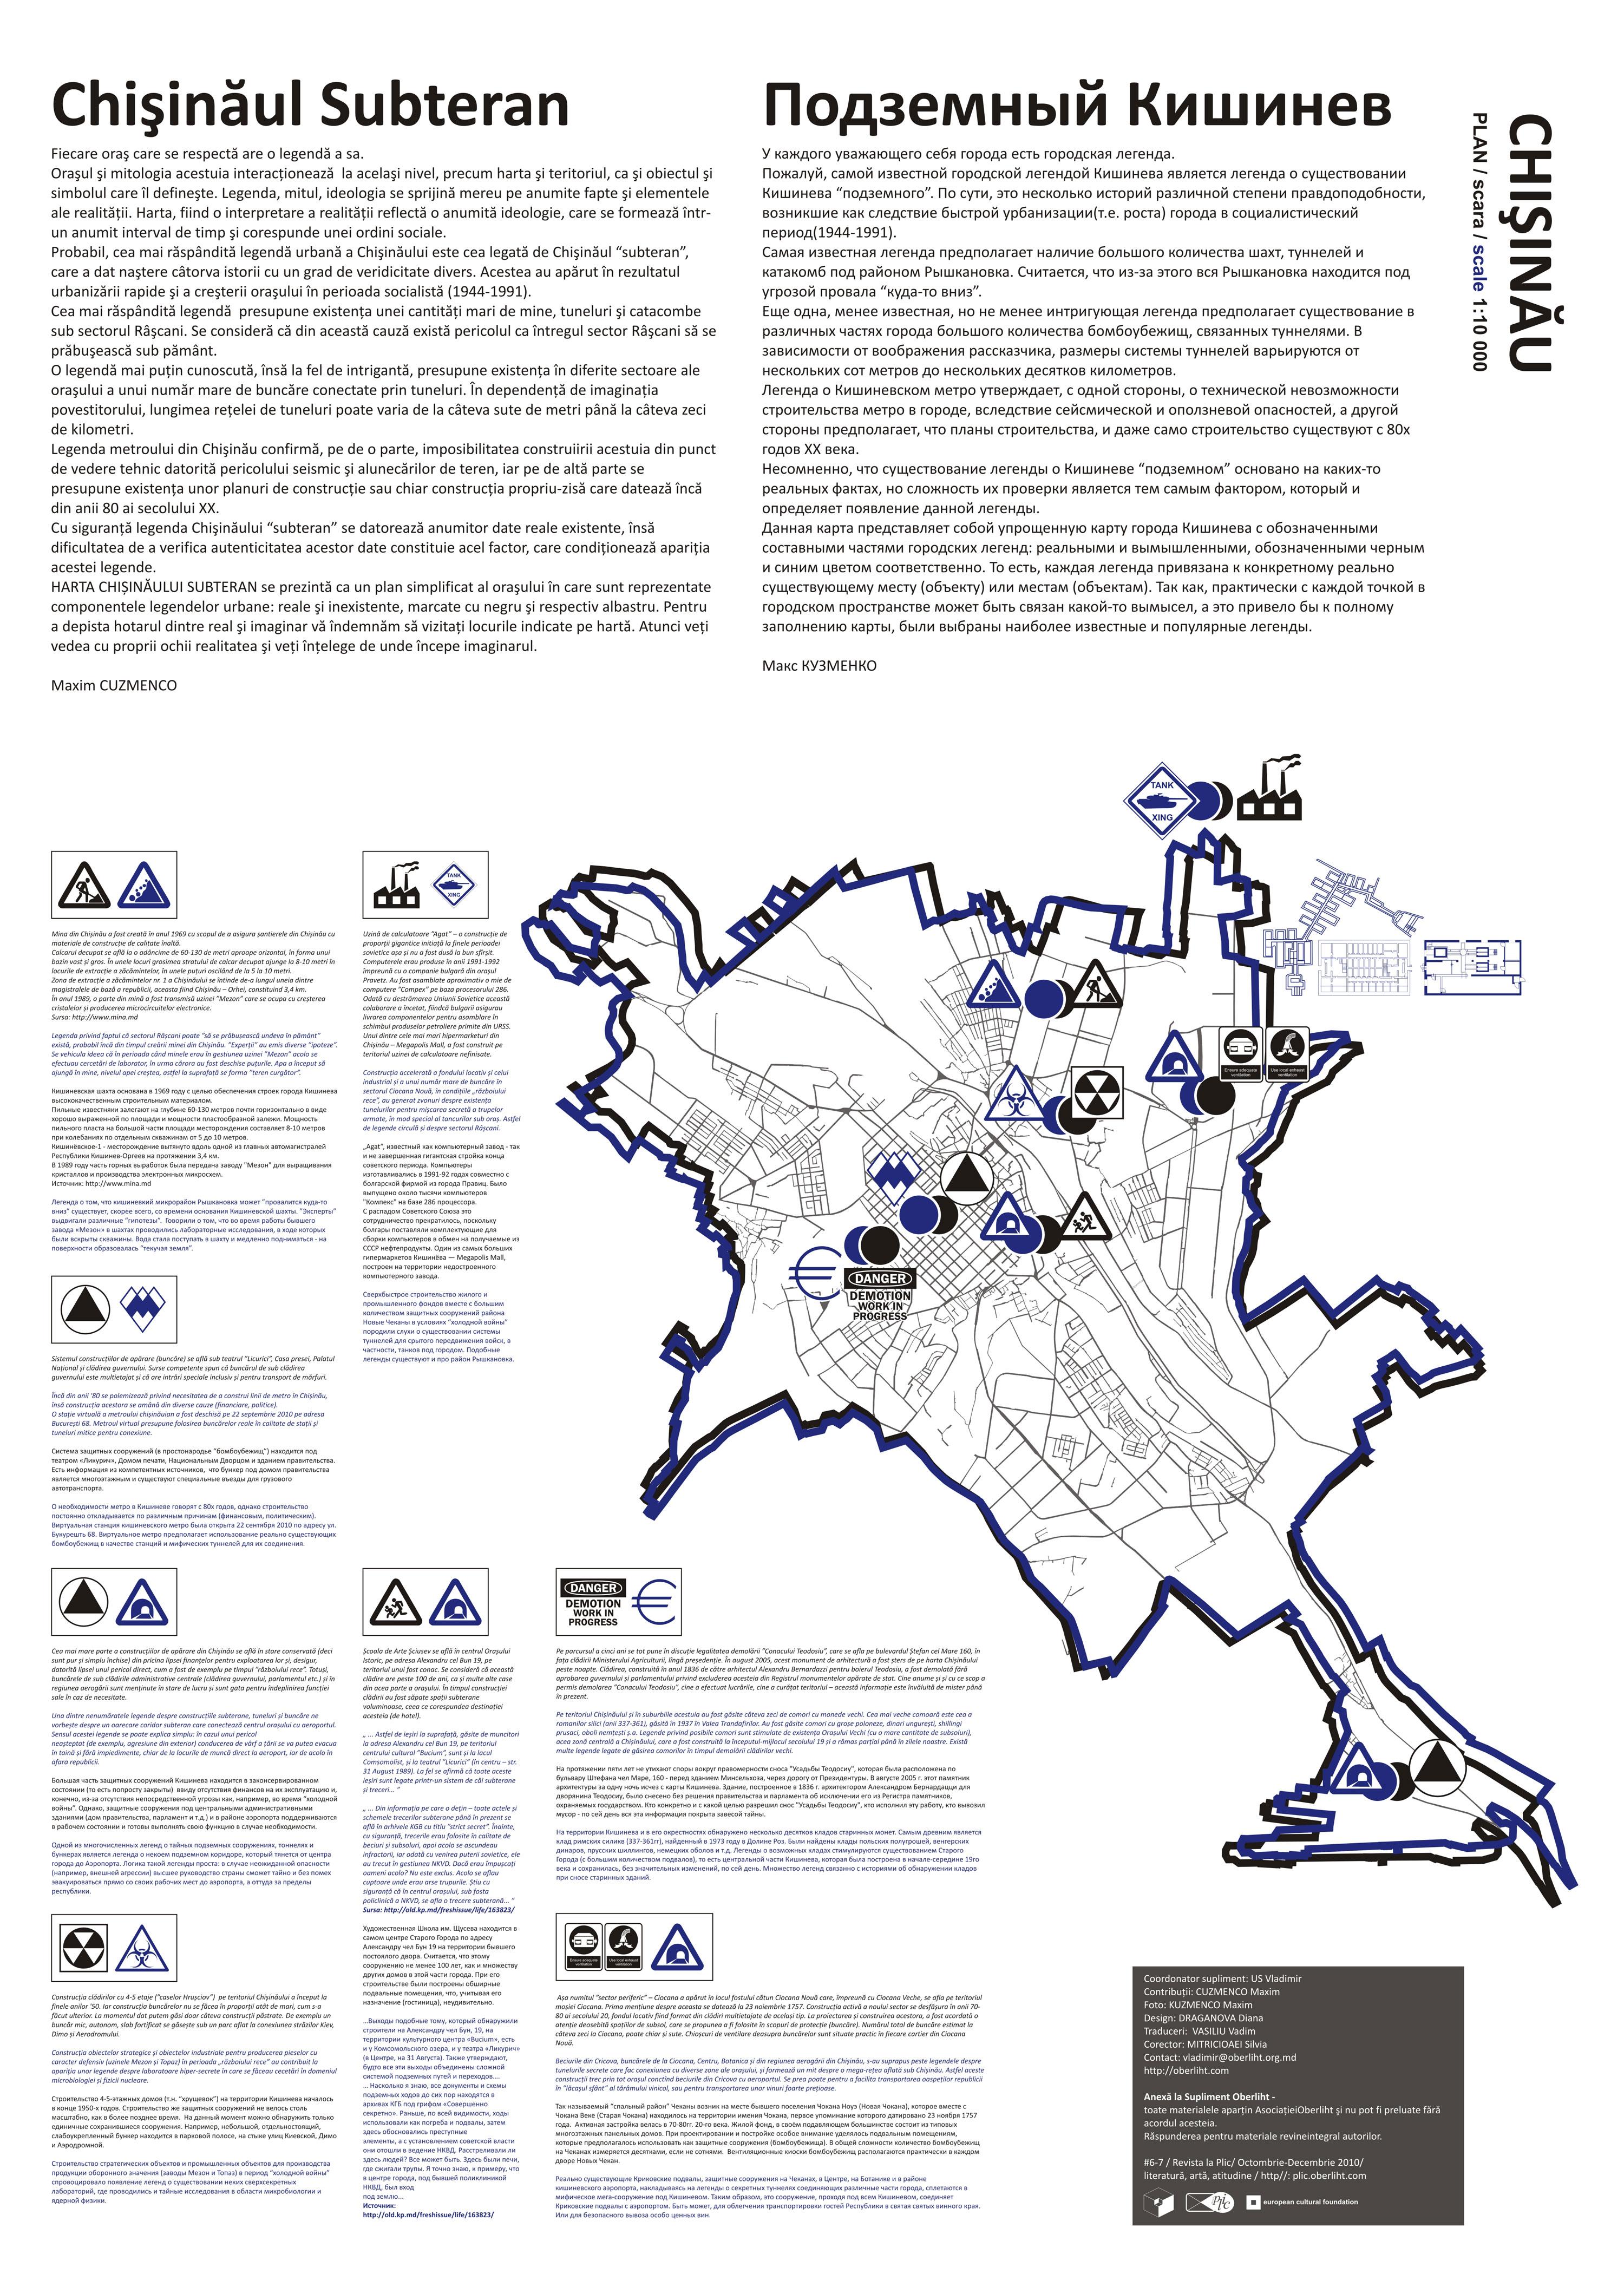 Harta Chișinăului Subteran Chisinau Subterranean Map Chișineu